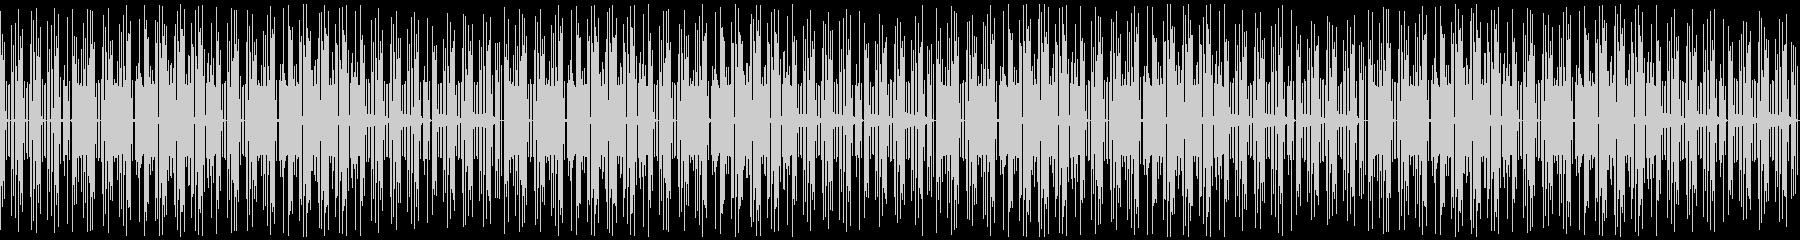 おしゃれなゲーム音楽のファンク:ループの未再生の波形